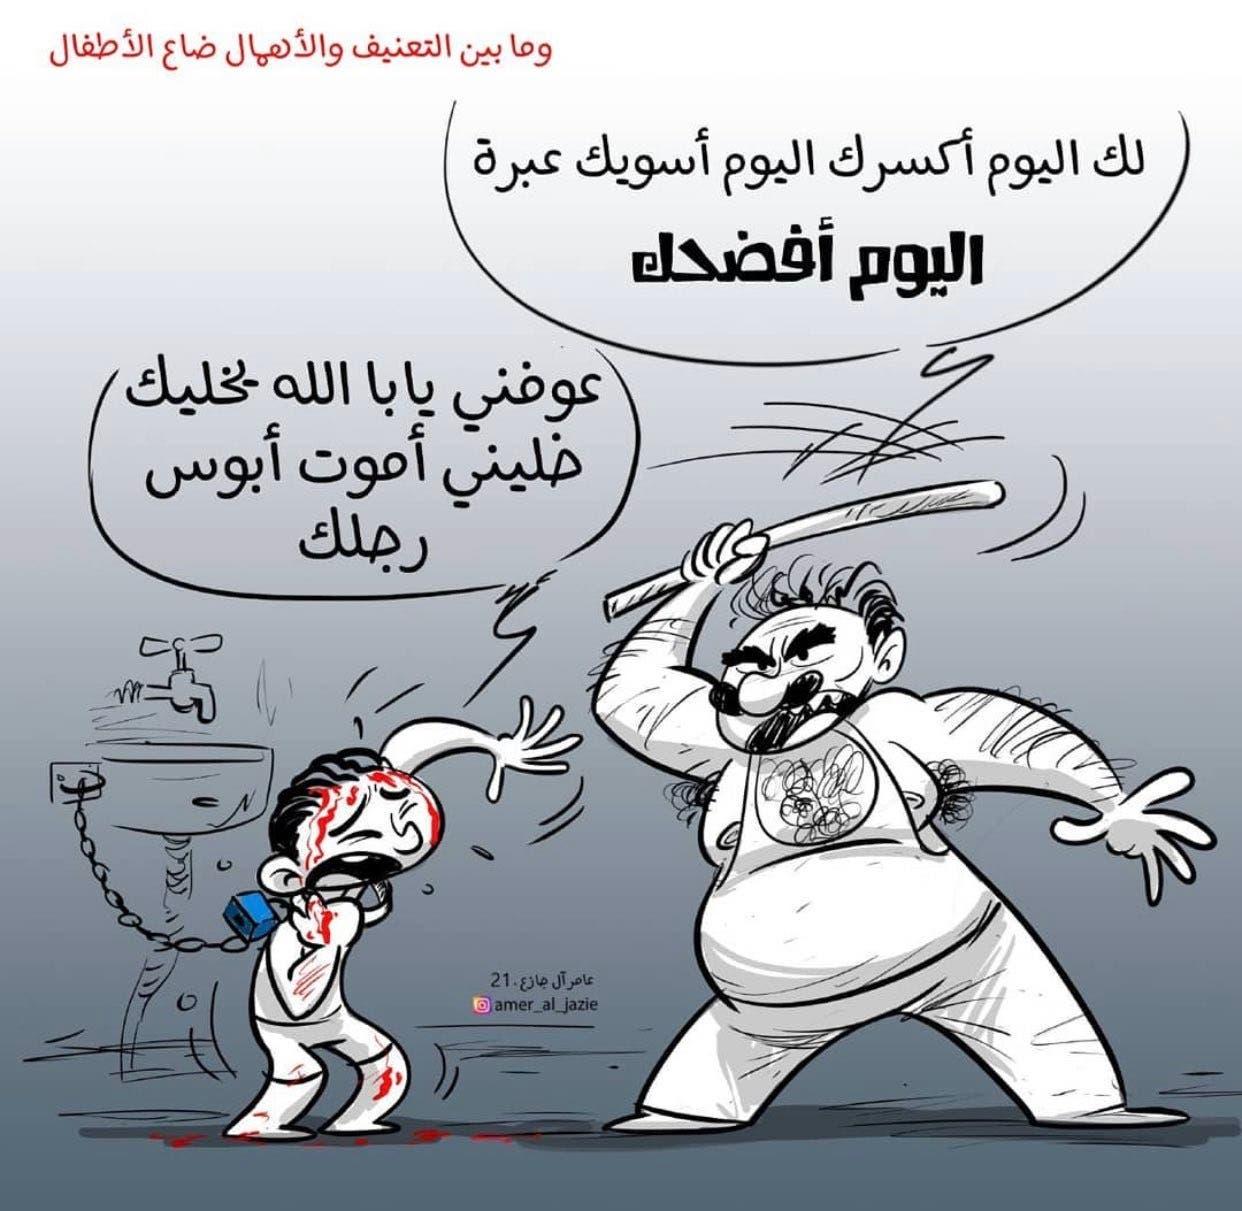 رسم كاريكاتوري انتشر تعاطفا مع الطفل محمد